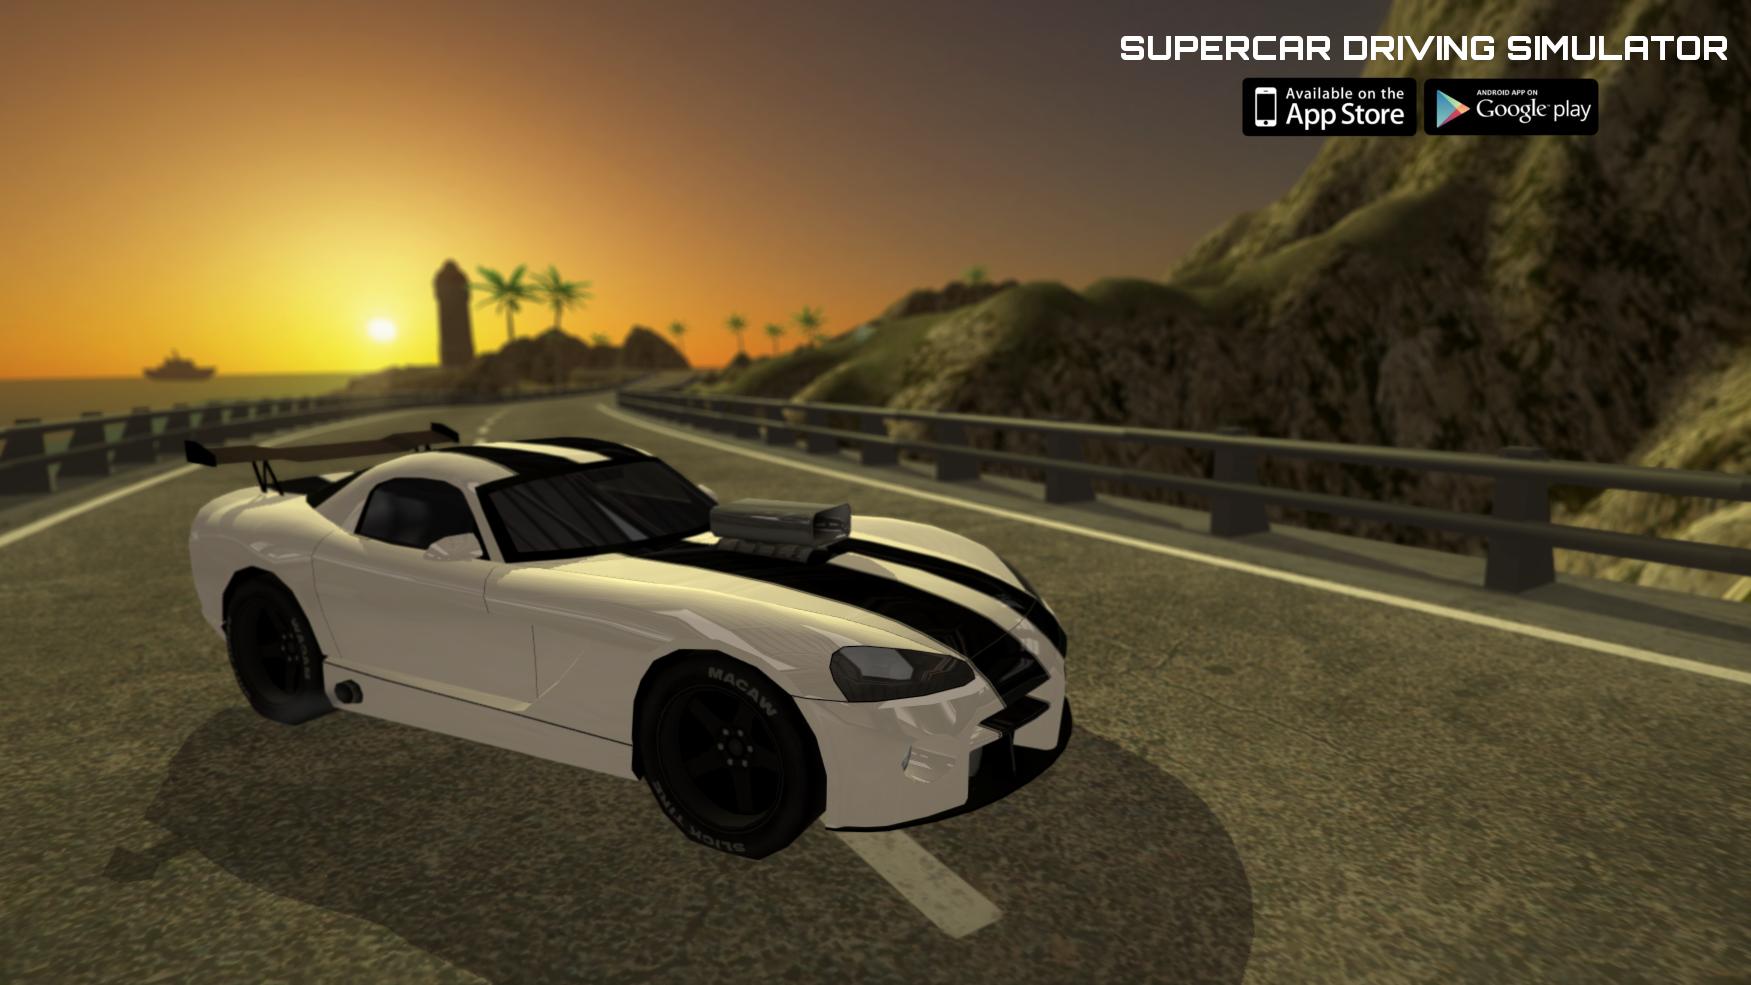 Supercar Driving Simulator